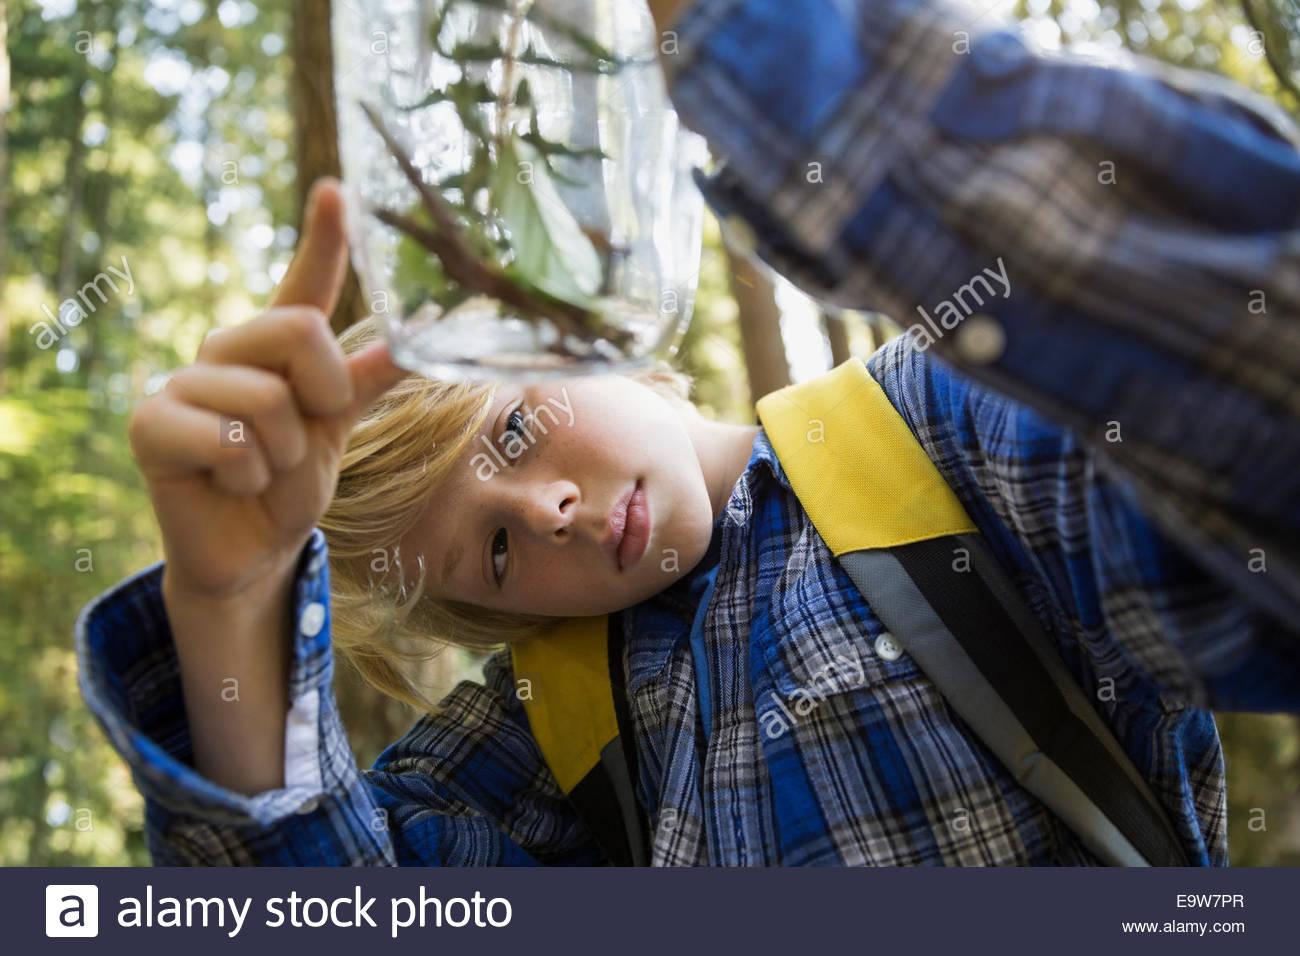 Neugieriger Junge in Wäldern untersuchen Pflanzen in Glas Stockbild